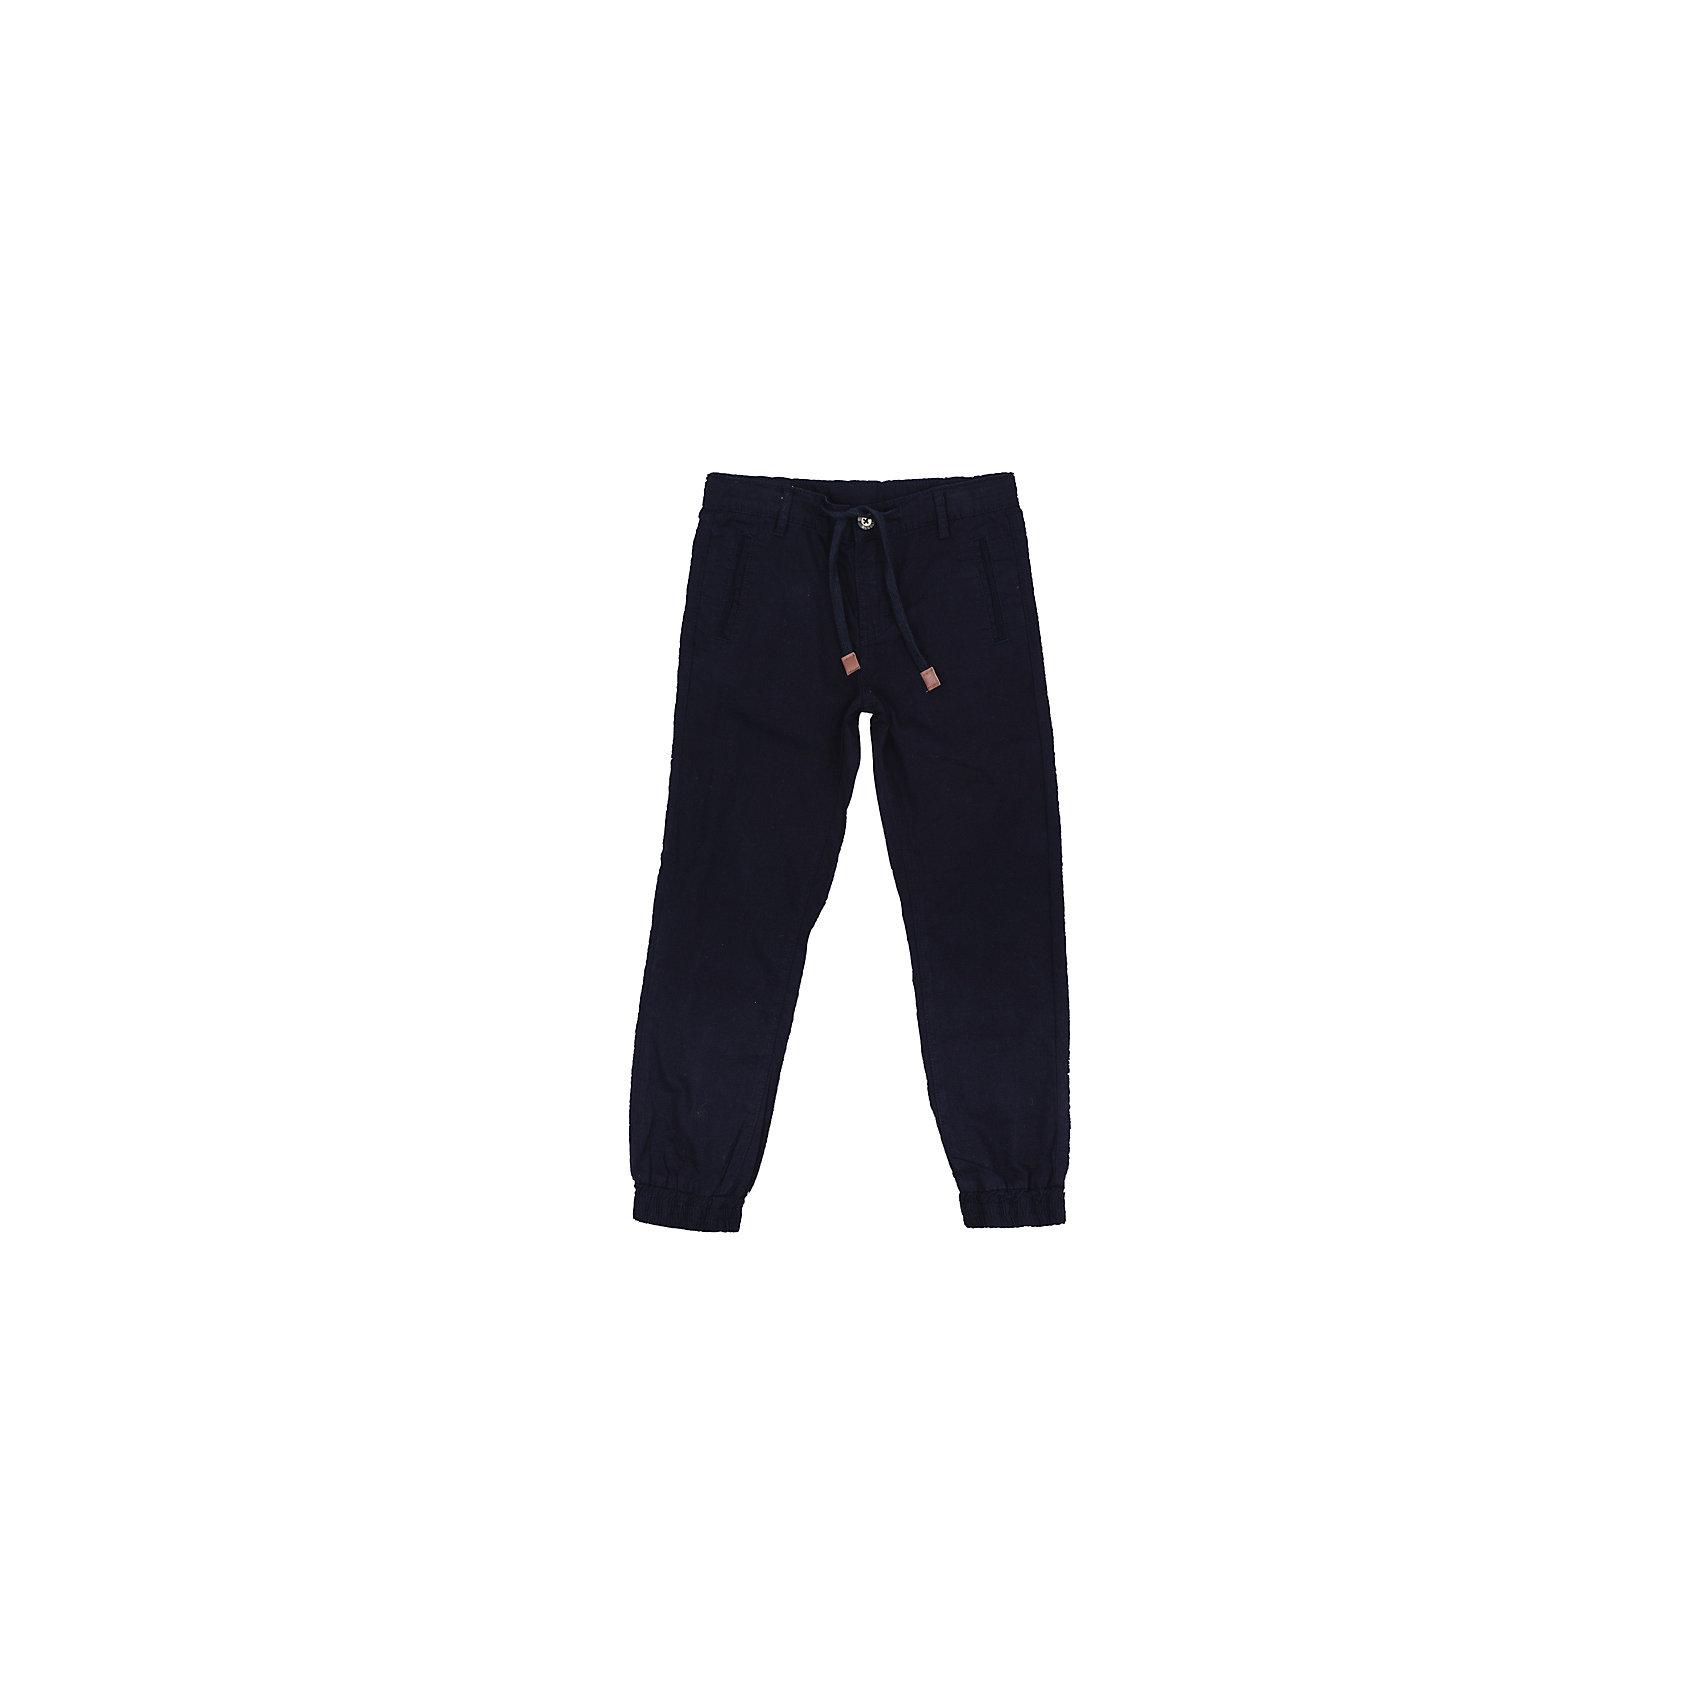 Брюки для мальчика ScoolБрюки для мальчика Scool<br>Практичные и удобные брюки из натурального хлопка спортивного стиля смогут быть одной из базовых вещей детского гардероба. Низ брючин на мягких манжетах. Модель на поясе дополнительно снабжена регулируемым шнуром - кулиской.<br>Состав:<br>100% хлопок<br><br>Ширина мм: 215<br>Глубина мм: 88<br>Высота мм: 191<br>Вес г: 336<br>Цвет: черный<br>Возраст от месяцев: 144<br>Возраст до месяцев: 156<br>Пол: Мужской<br>Возраст: Детский<br>Размер: 158,164,134,140,146,152<br>SKU: 5406672